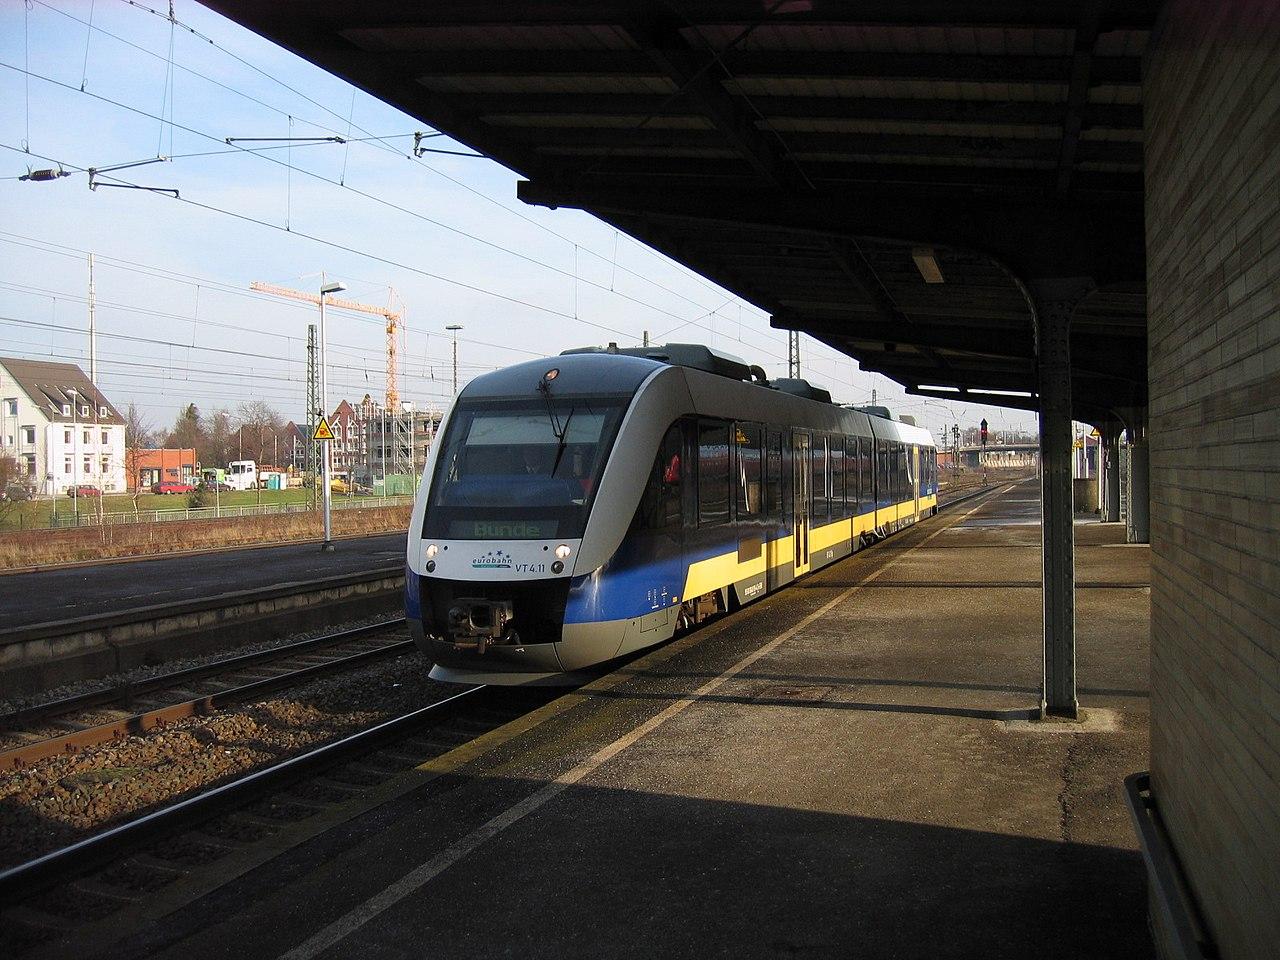 Bahnhof L Hne file löhne bahnhof weserbahn 2009 12 16 25 jpg wikimedia commons